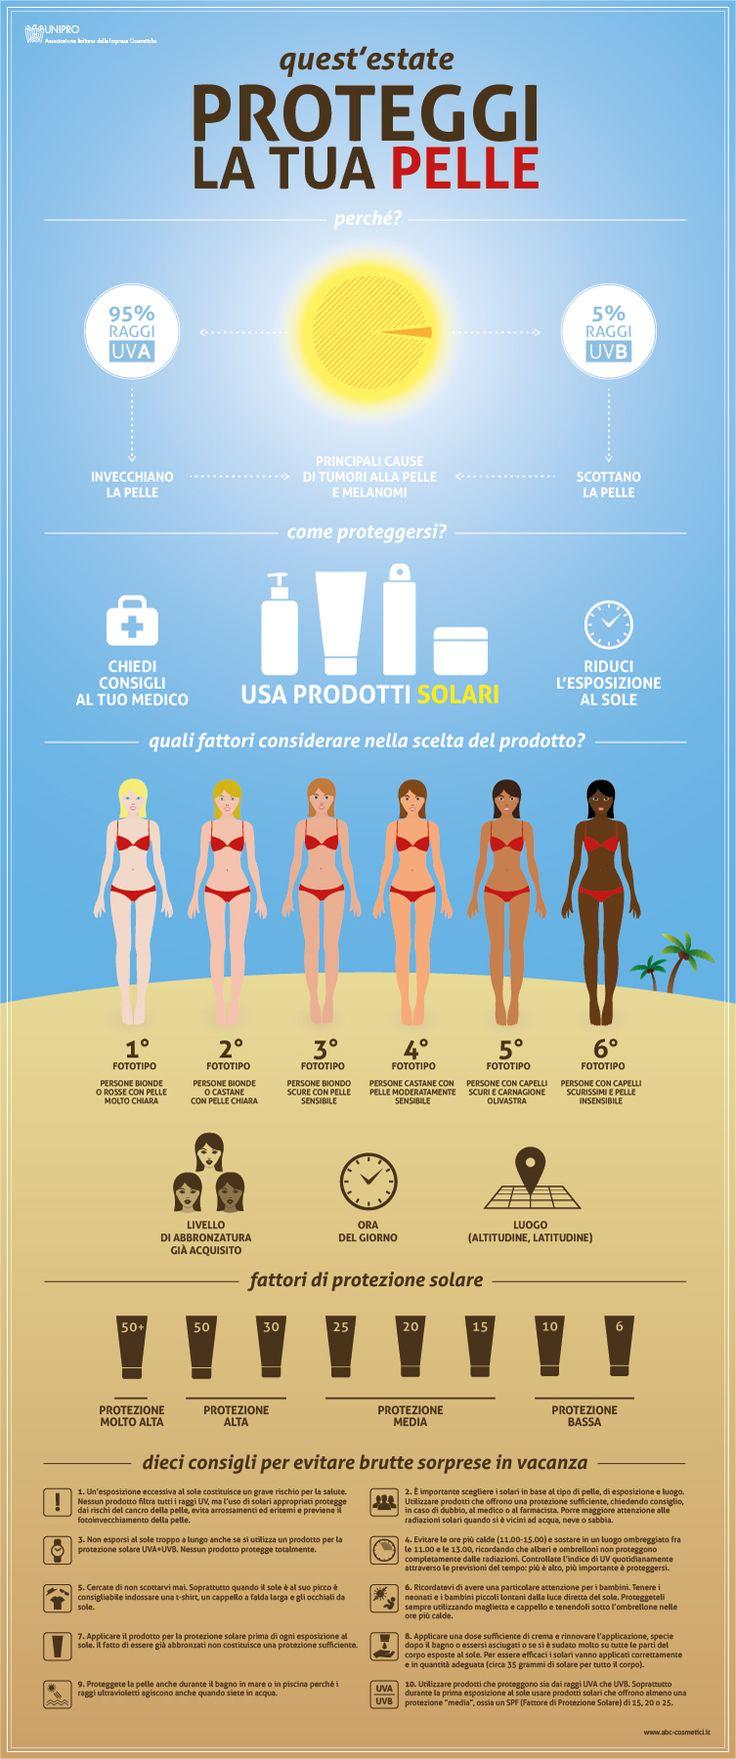 Scopri quanto proteggerti! - Scegli il giusto fattore di protezione in base al tuo fototipo di pelle #solari2015